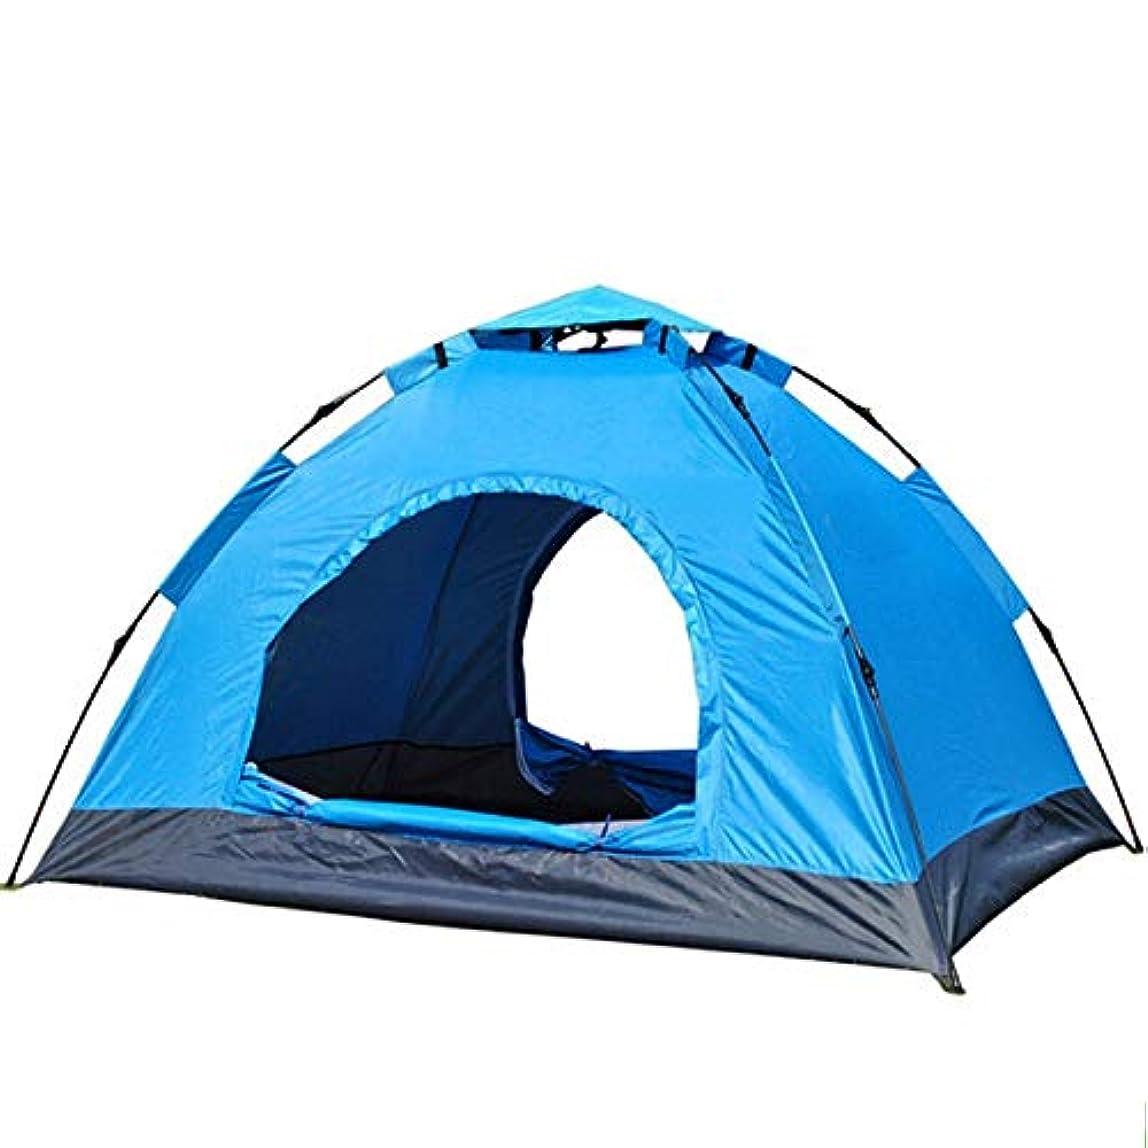 可動式方向サンダースWppolika 200 * 150 * 115 cm日焼け止めキャンプテントワンタッチインストール屋外のポータブル40+ UPFと1000-1500mm防水インデックス2-4人キャンプ/ピクニック/釣り/ビーチ